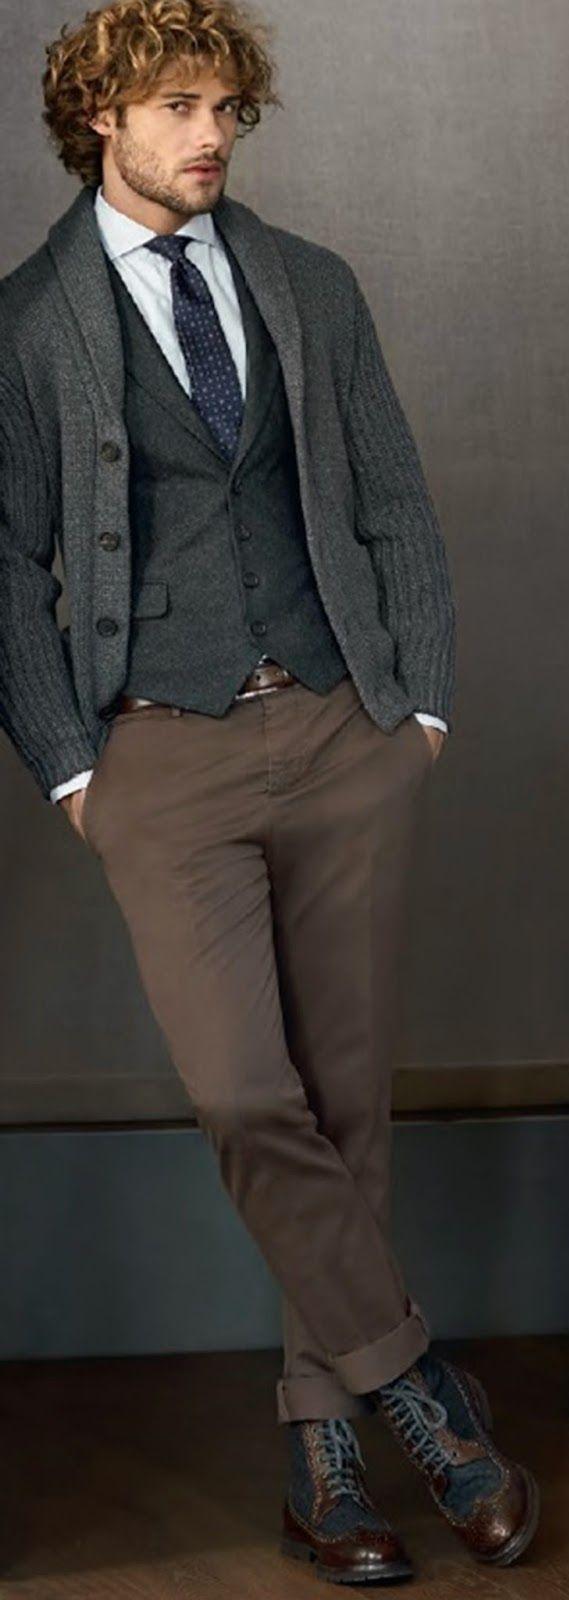 Grey Cashmere Cardigan, by Brunello Cucinelli. | Raddest Men's Fashion Looks On…